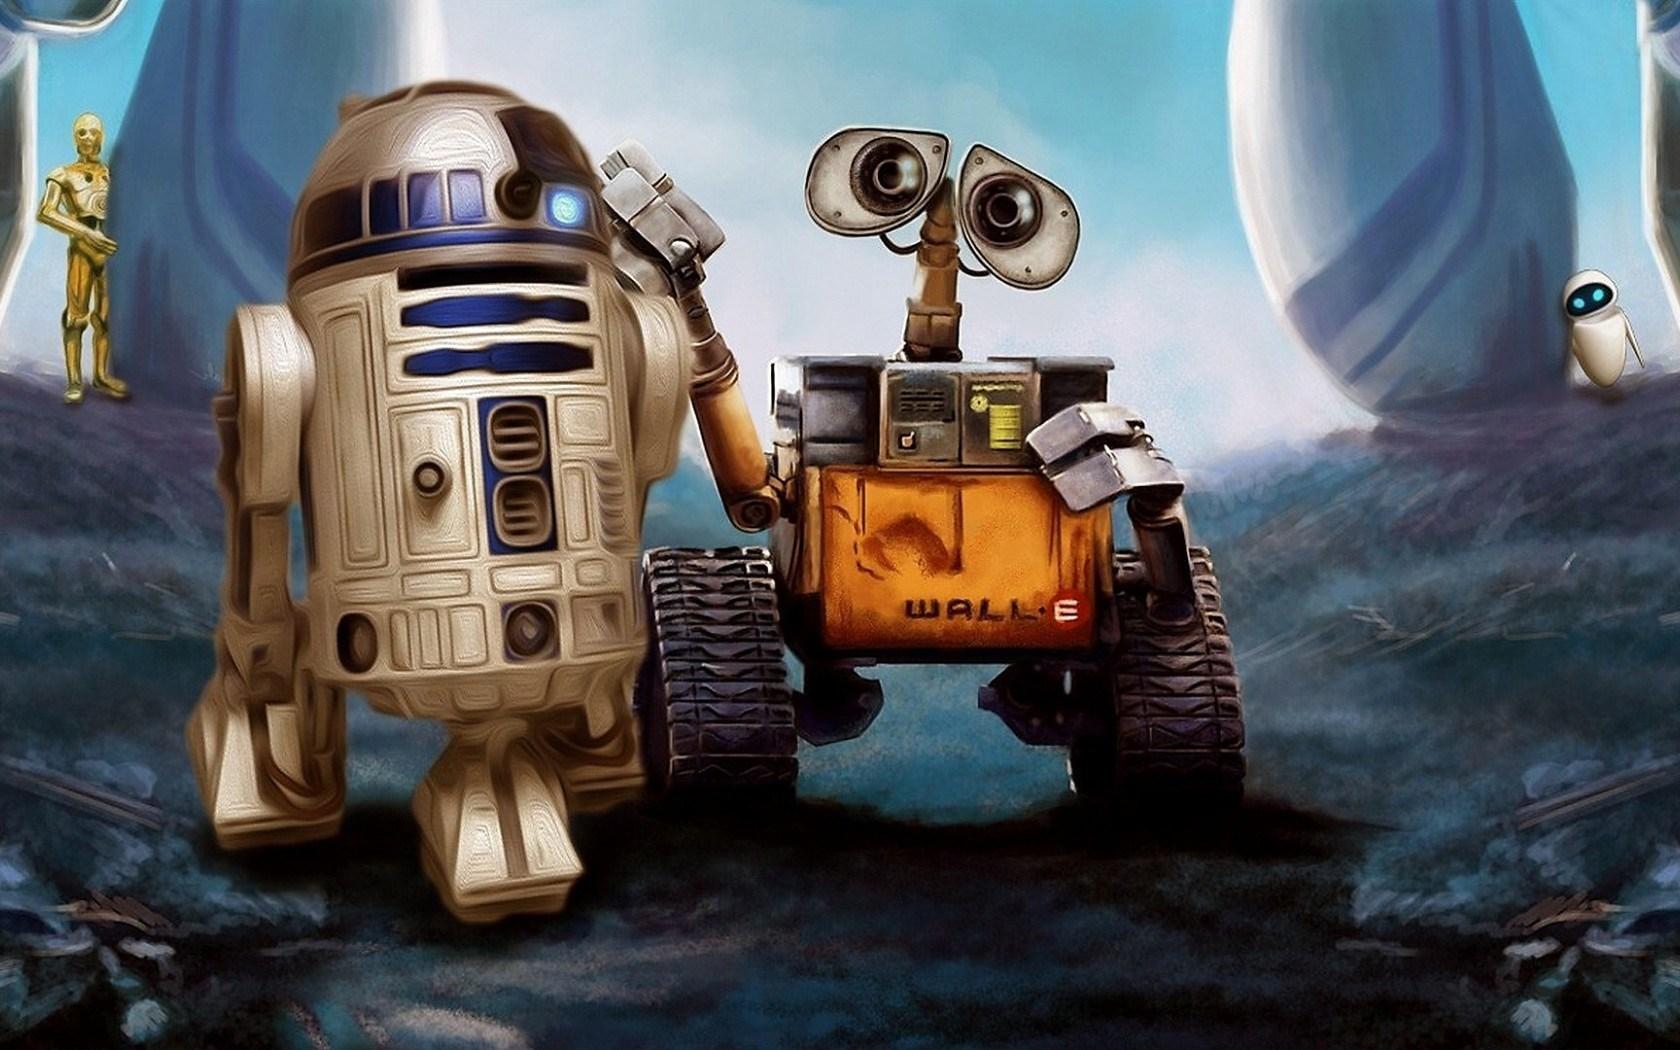 Wall-E R2-D2 Star Wars Robots Cartoon Art